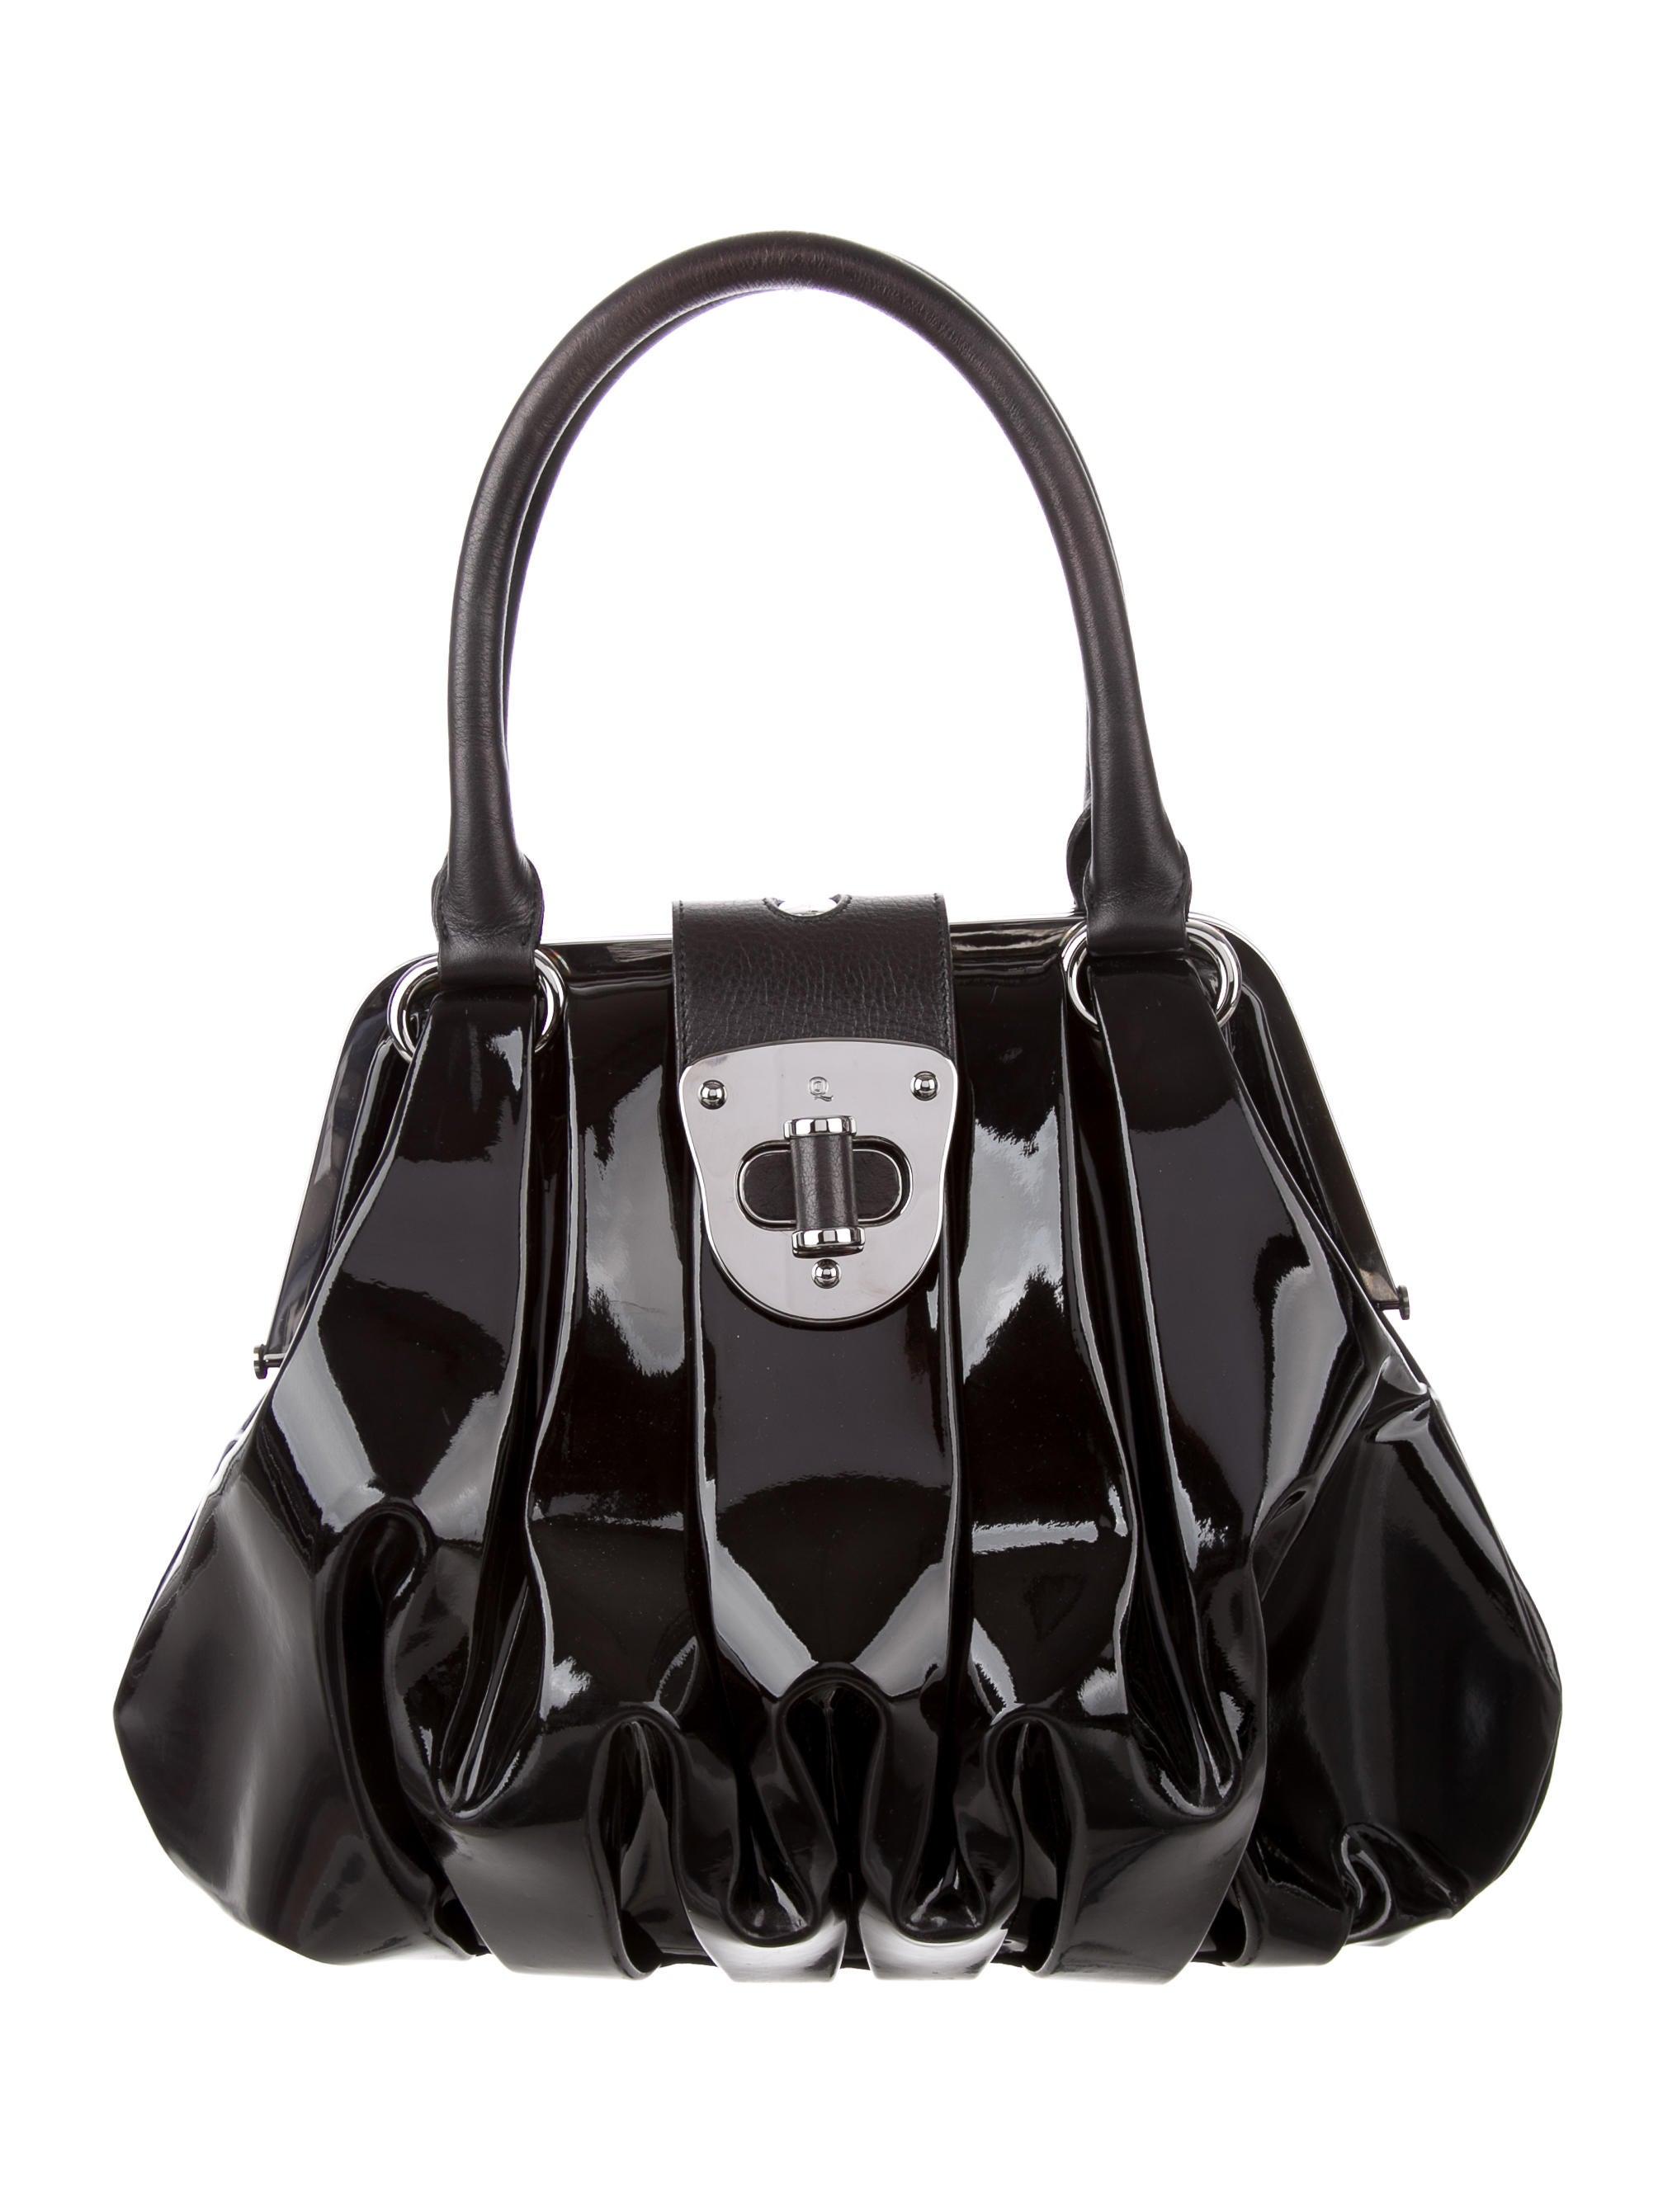 Alexander McQueen Patent Leather Elvie Bag - Handbags ...